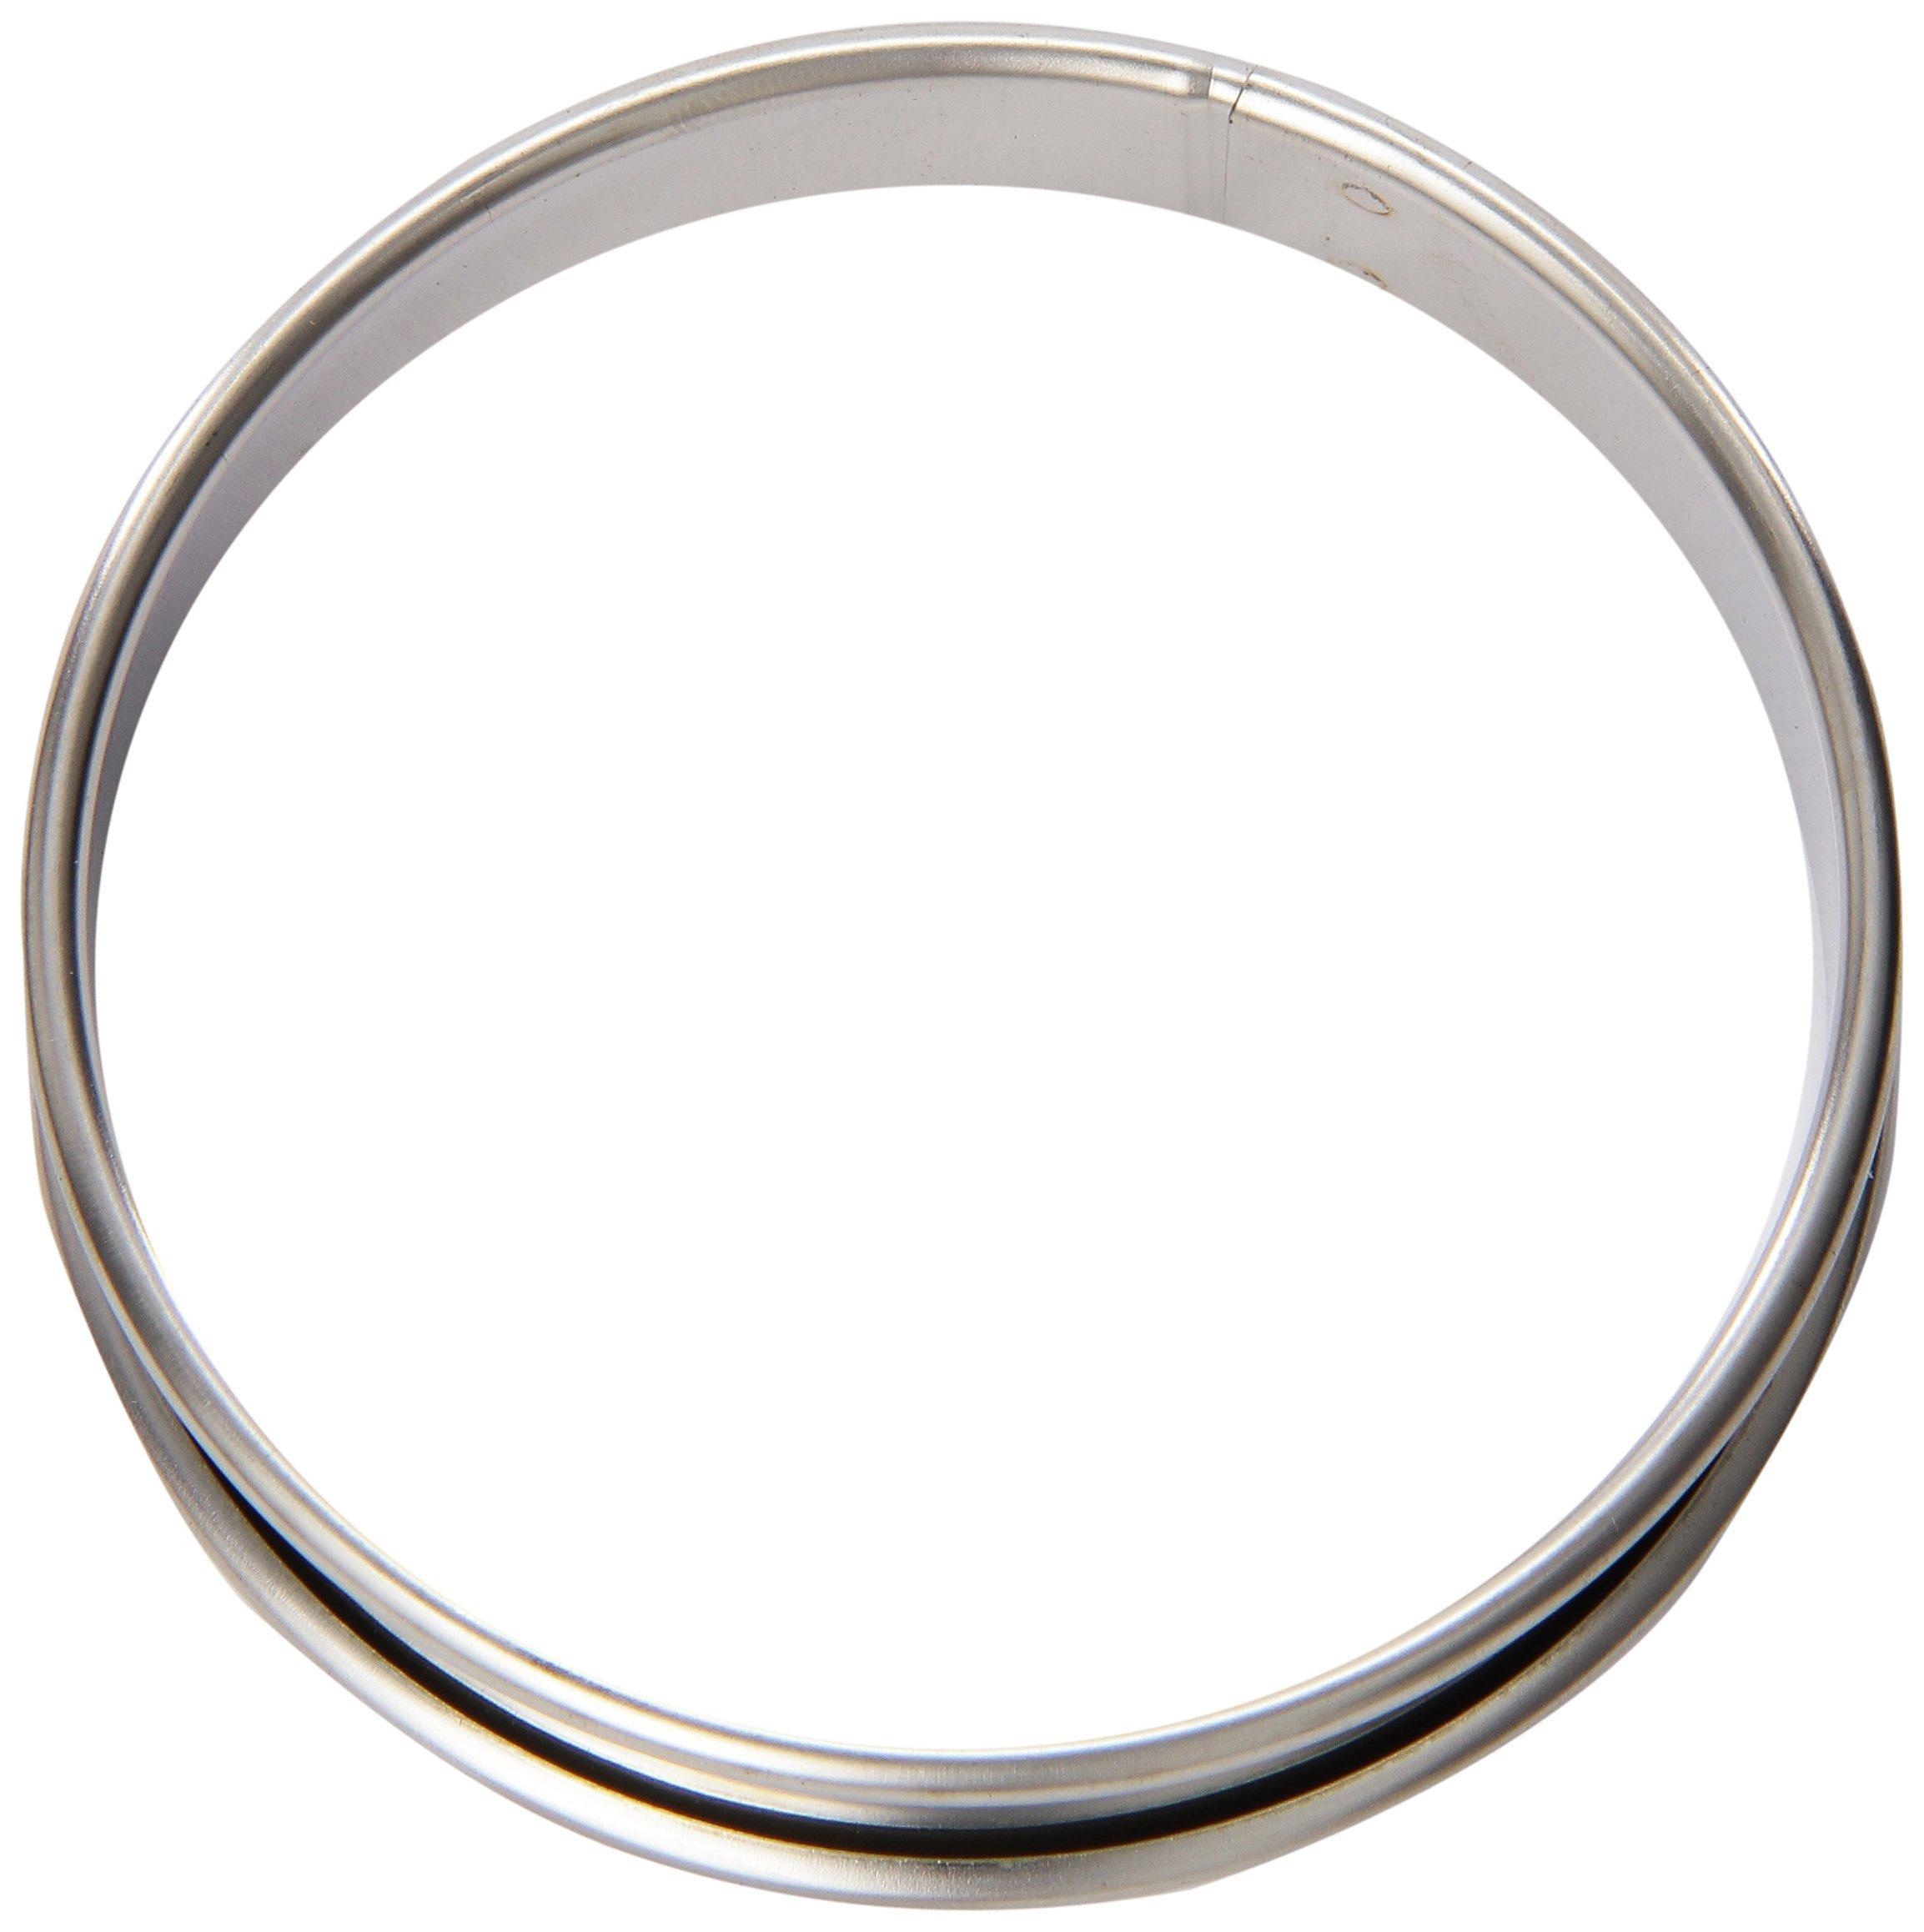 Matfer Bourgeat 371705 Small Flan Ring, Silver